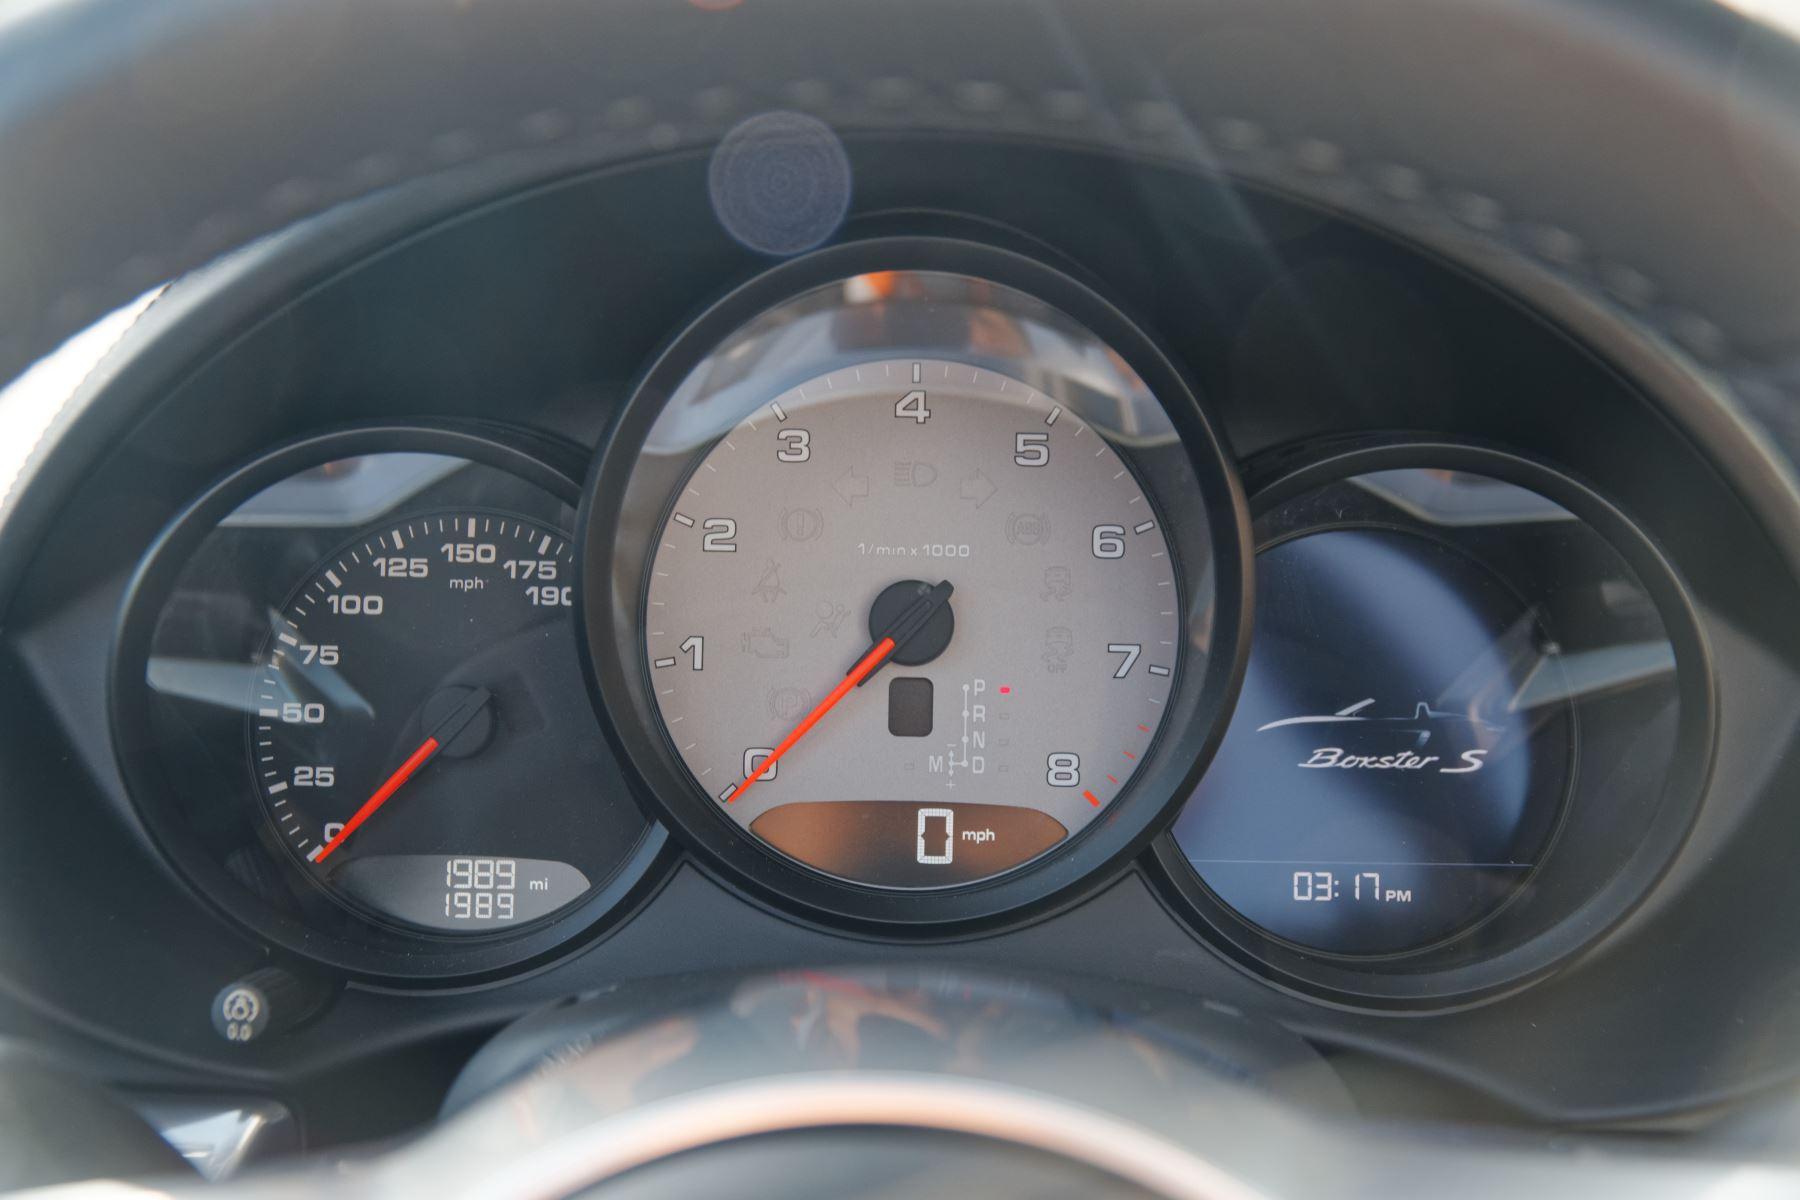 Porsche Boxster S image 23